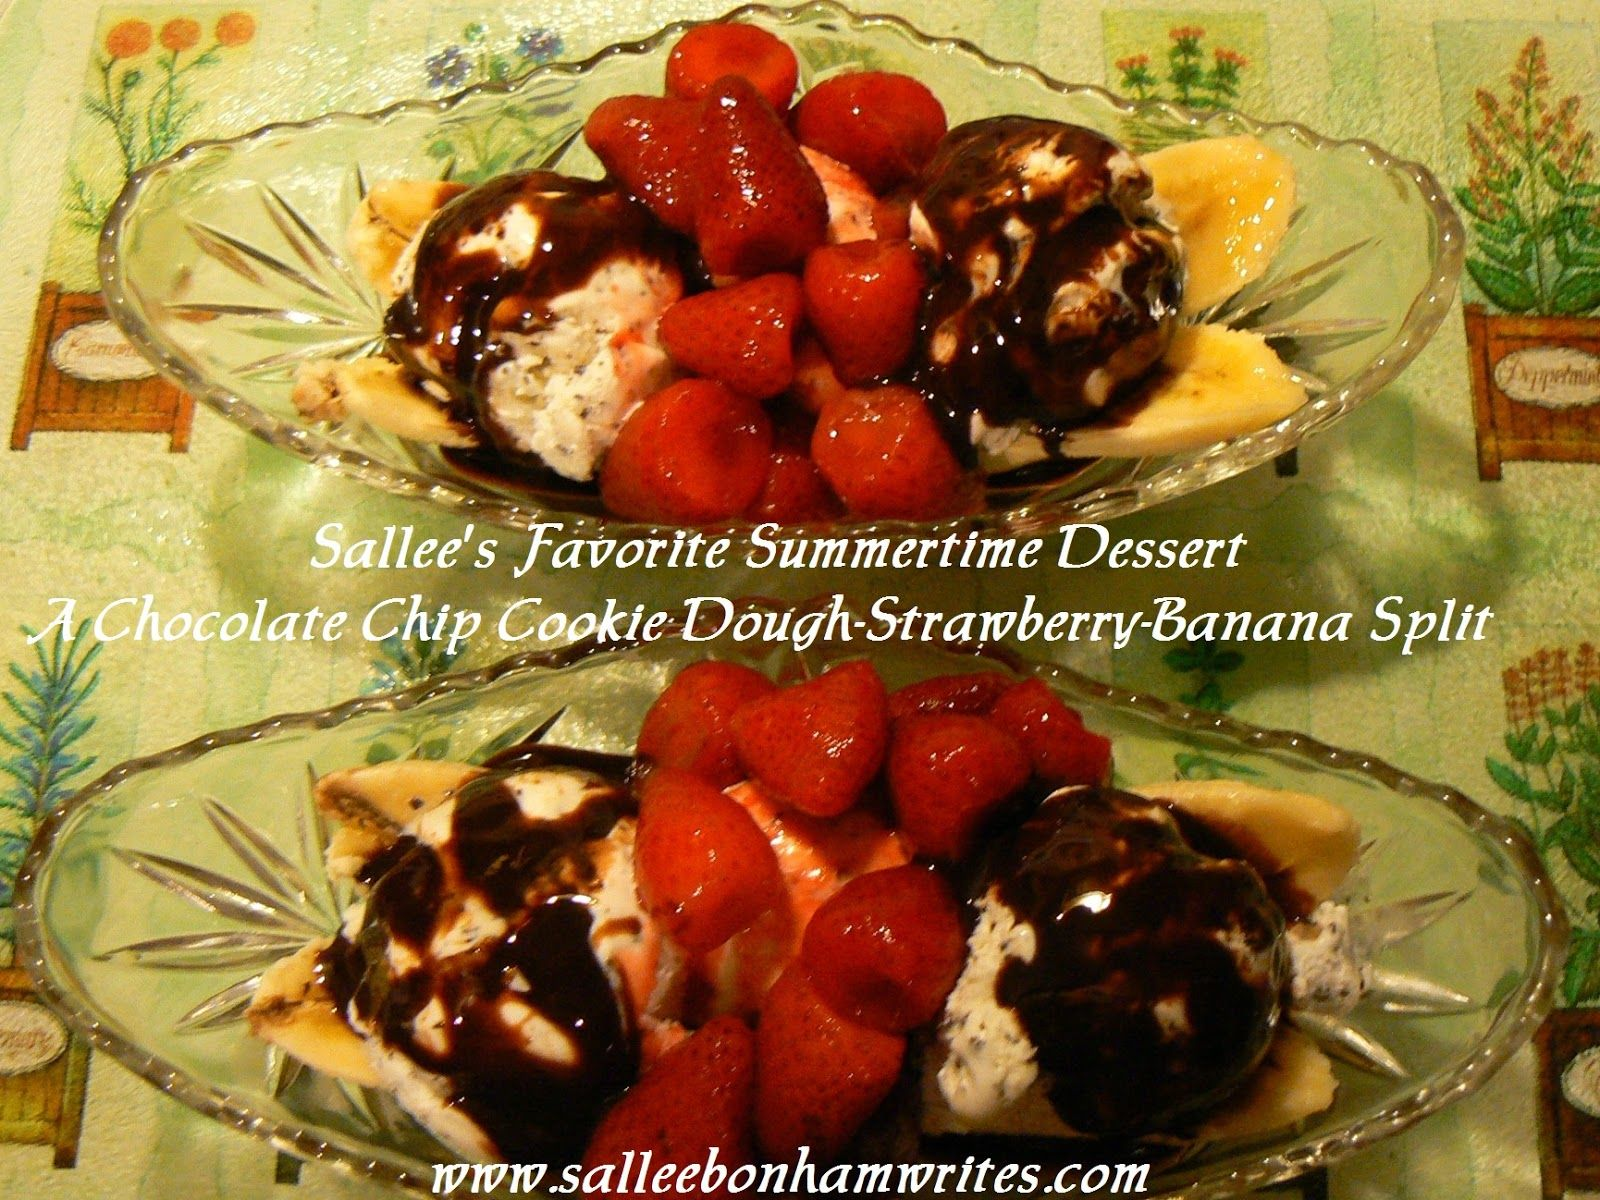 A Chocolate Chip Cookie Dough-Strawberry-Banana Split | Bonham Business